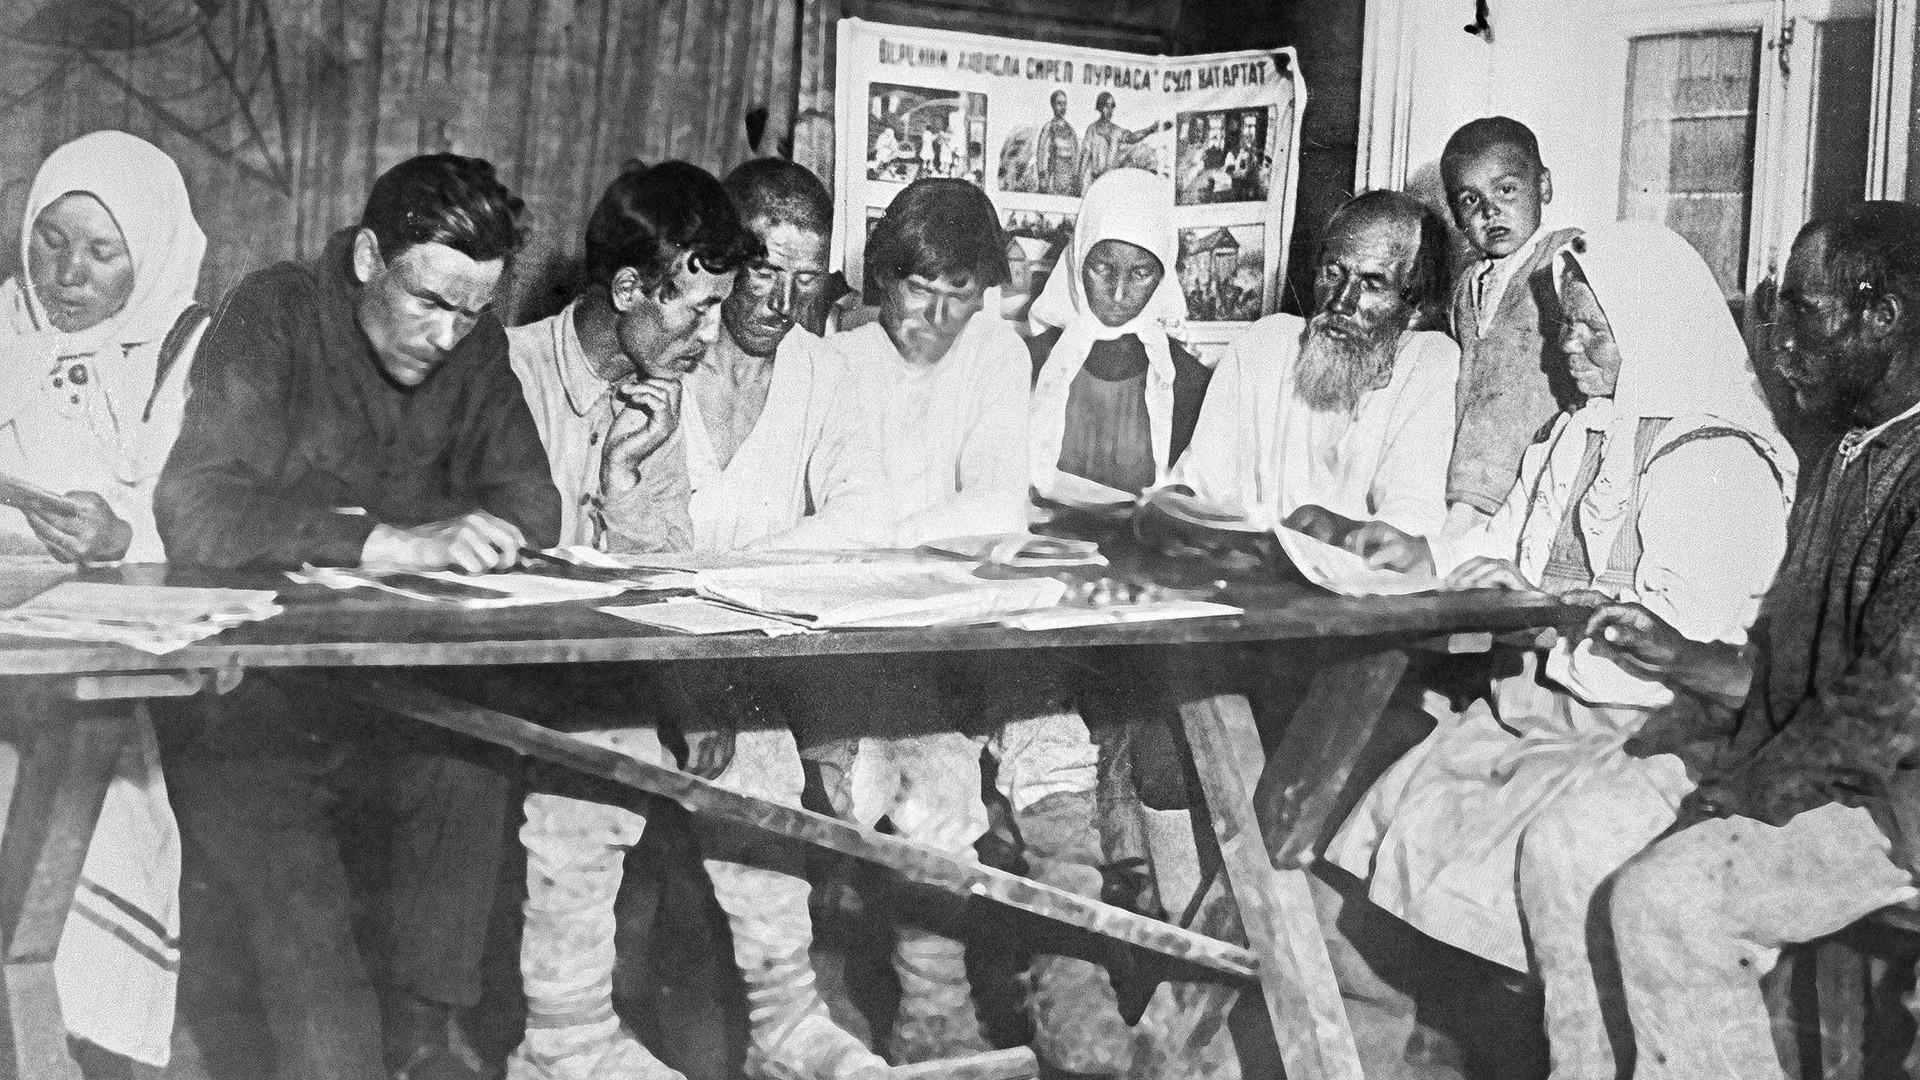 Campesinos soviéticos aprenden a leer y escribir, los años 30.